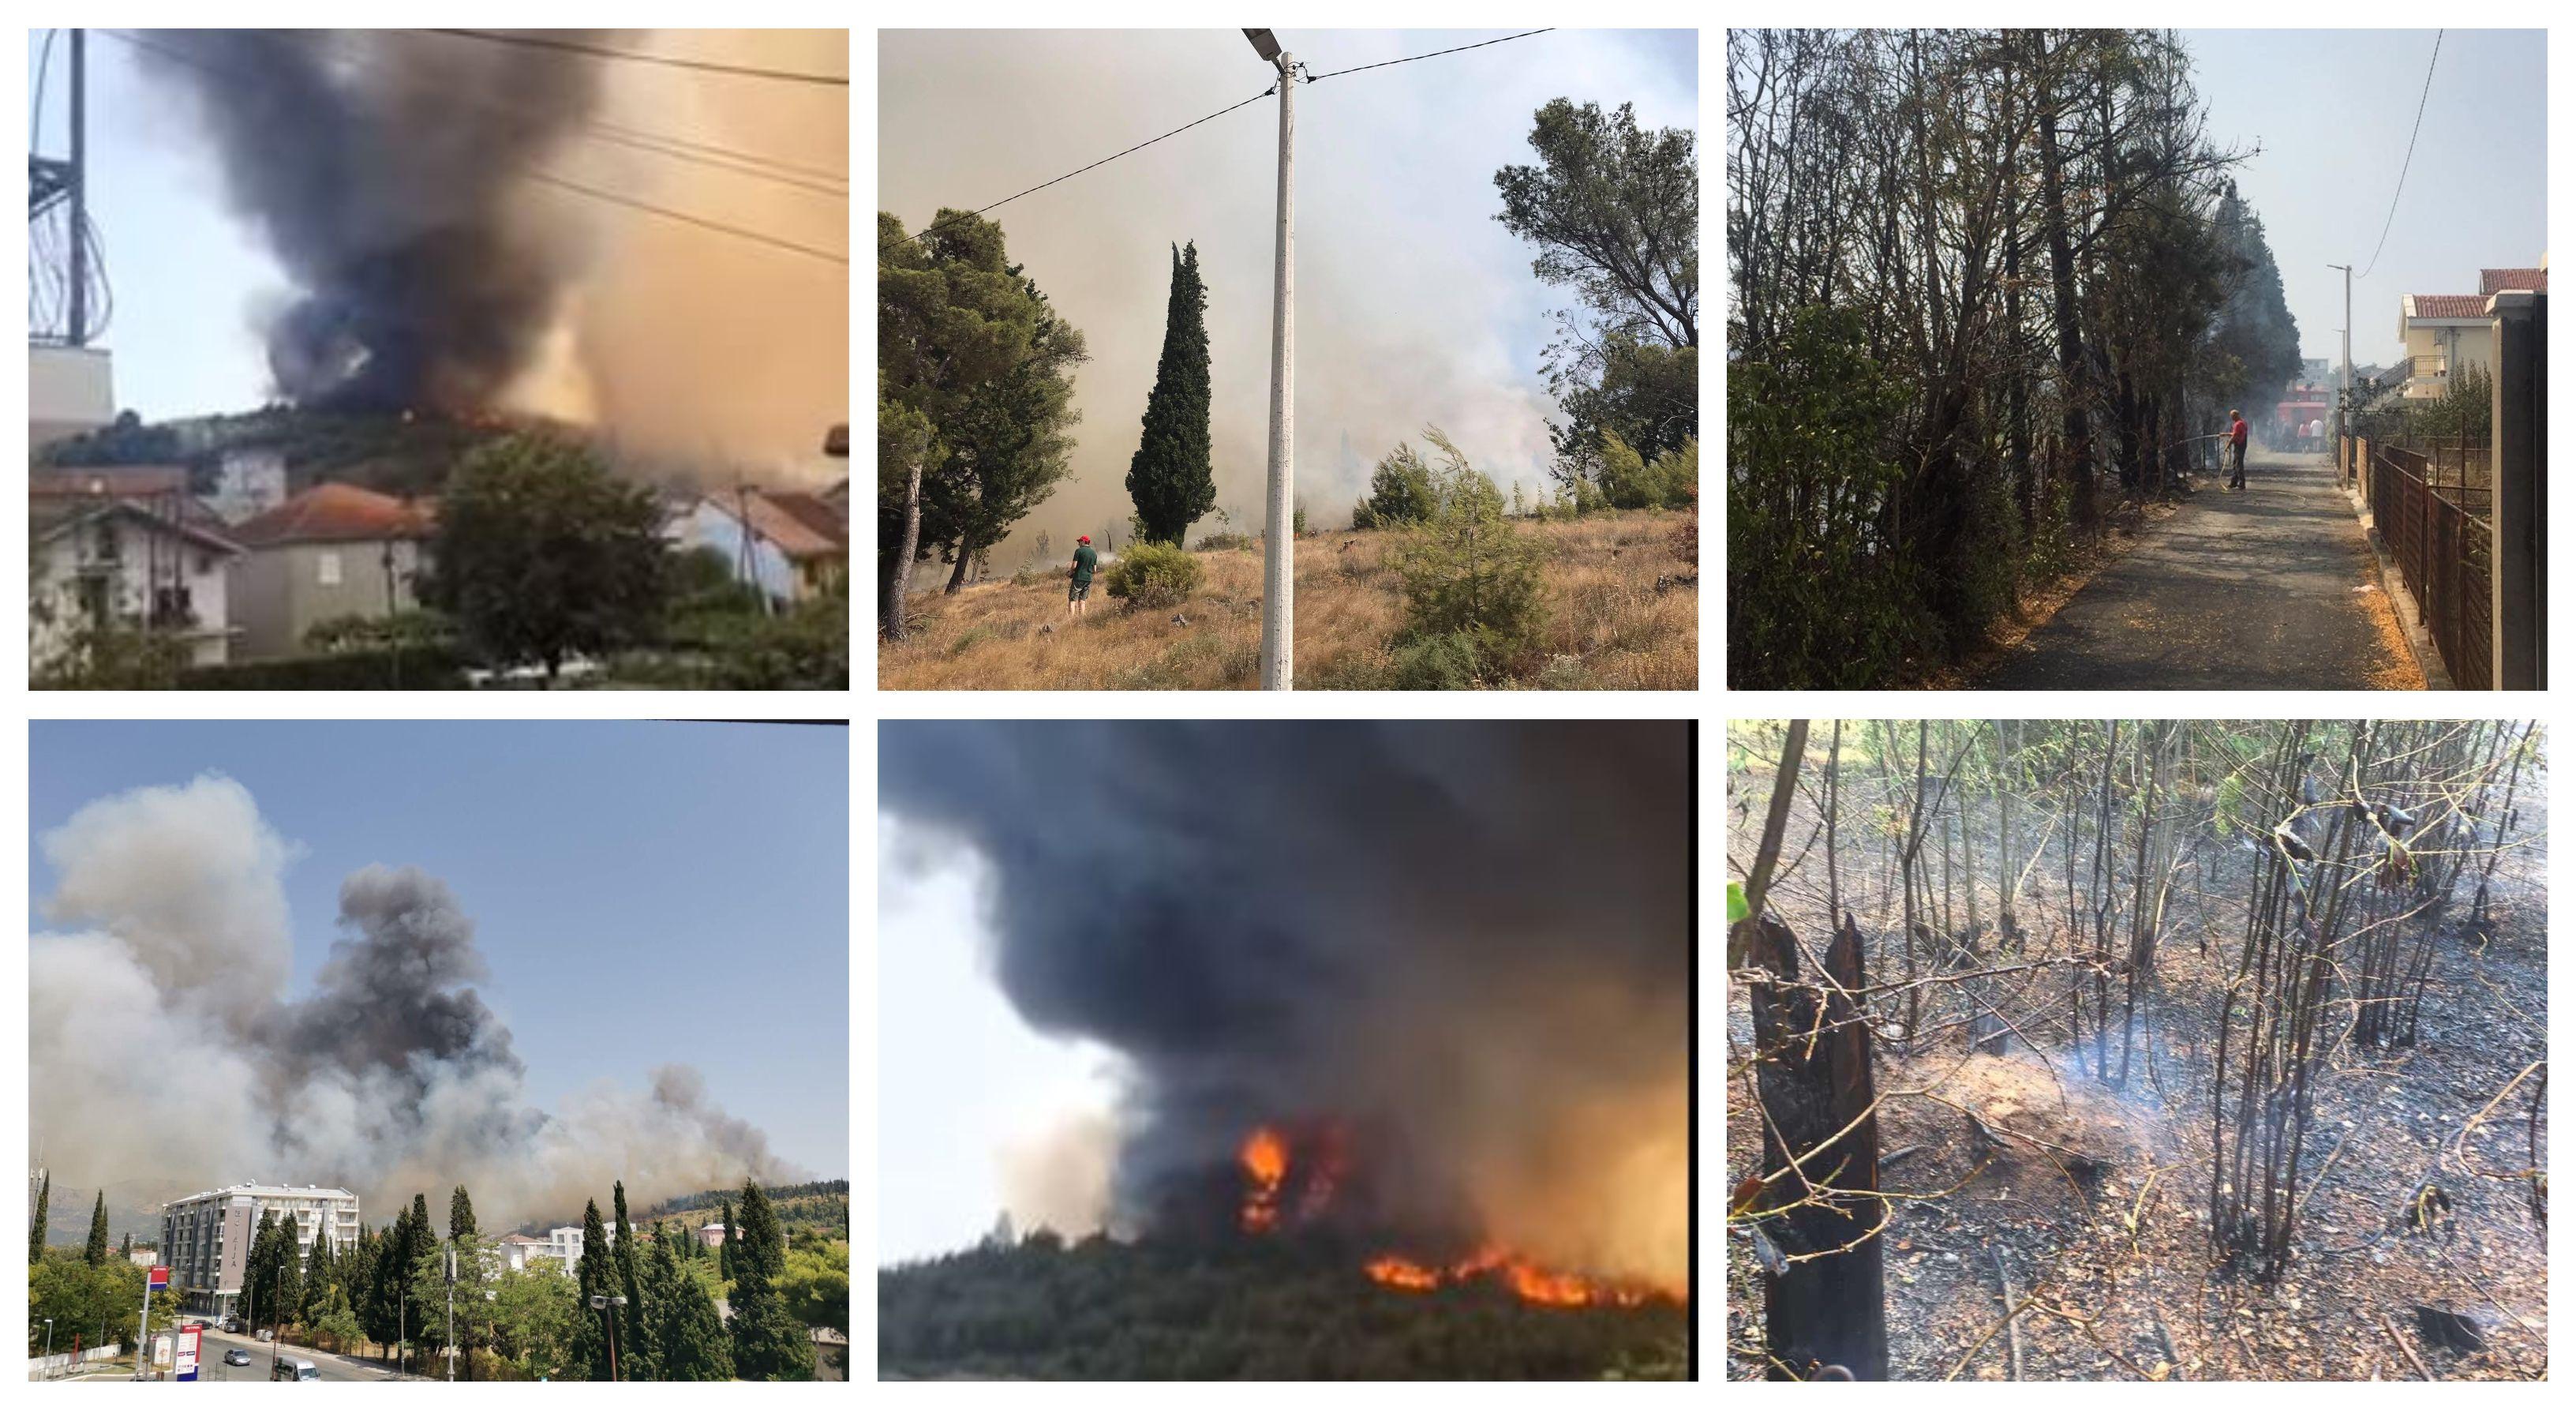 Vatra na Gorici pod kontrolom: Sumnja se da su požari podmetnuti, ekipa na terenu do daljnjeg